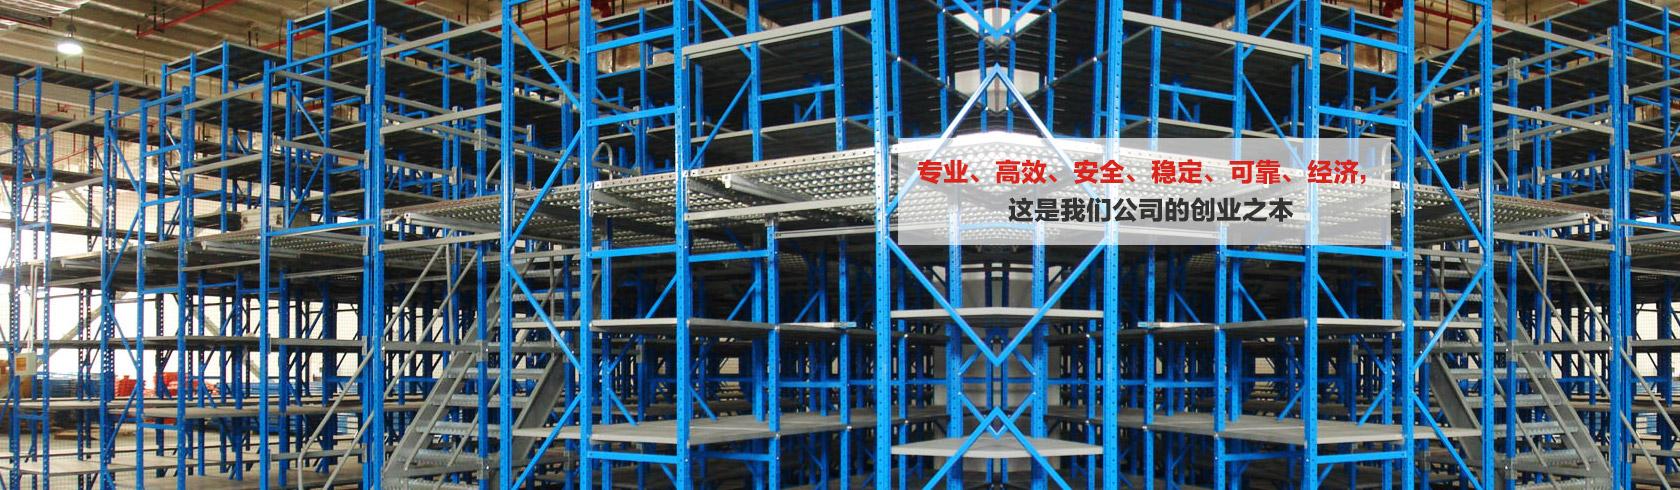 阁楼式货架系统